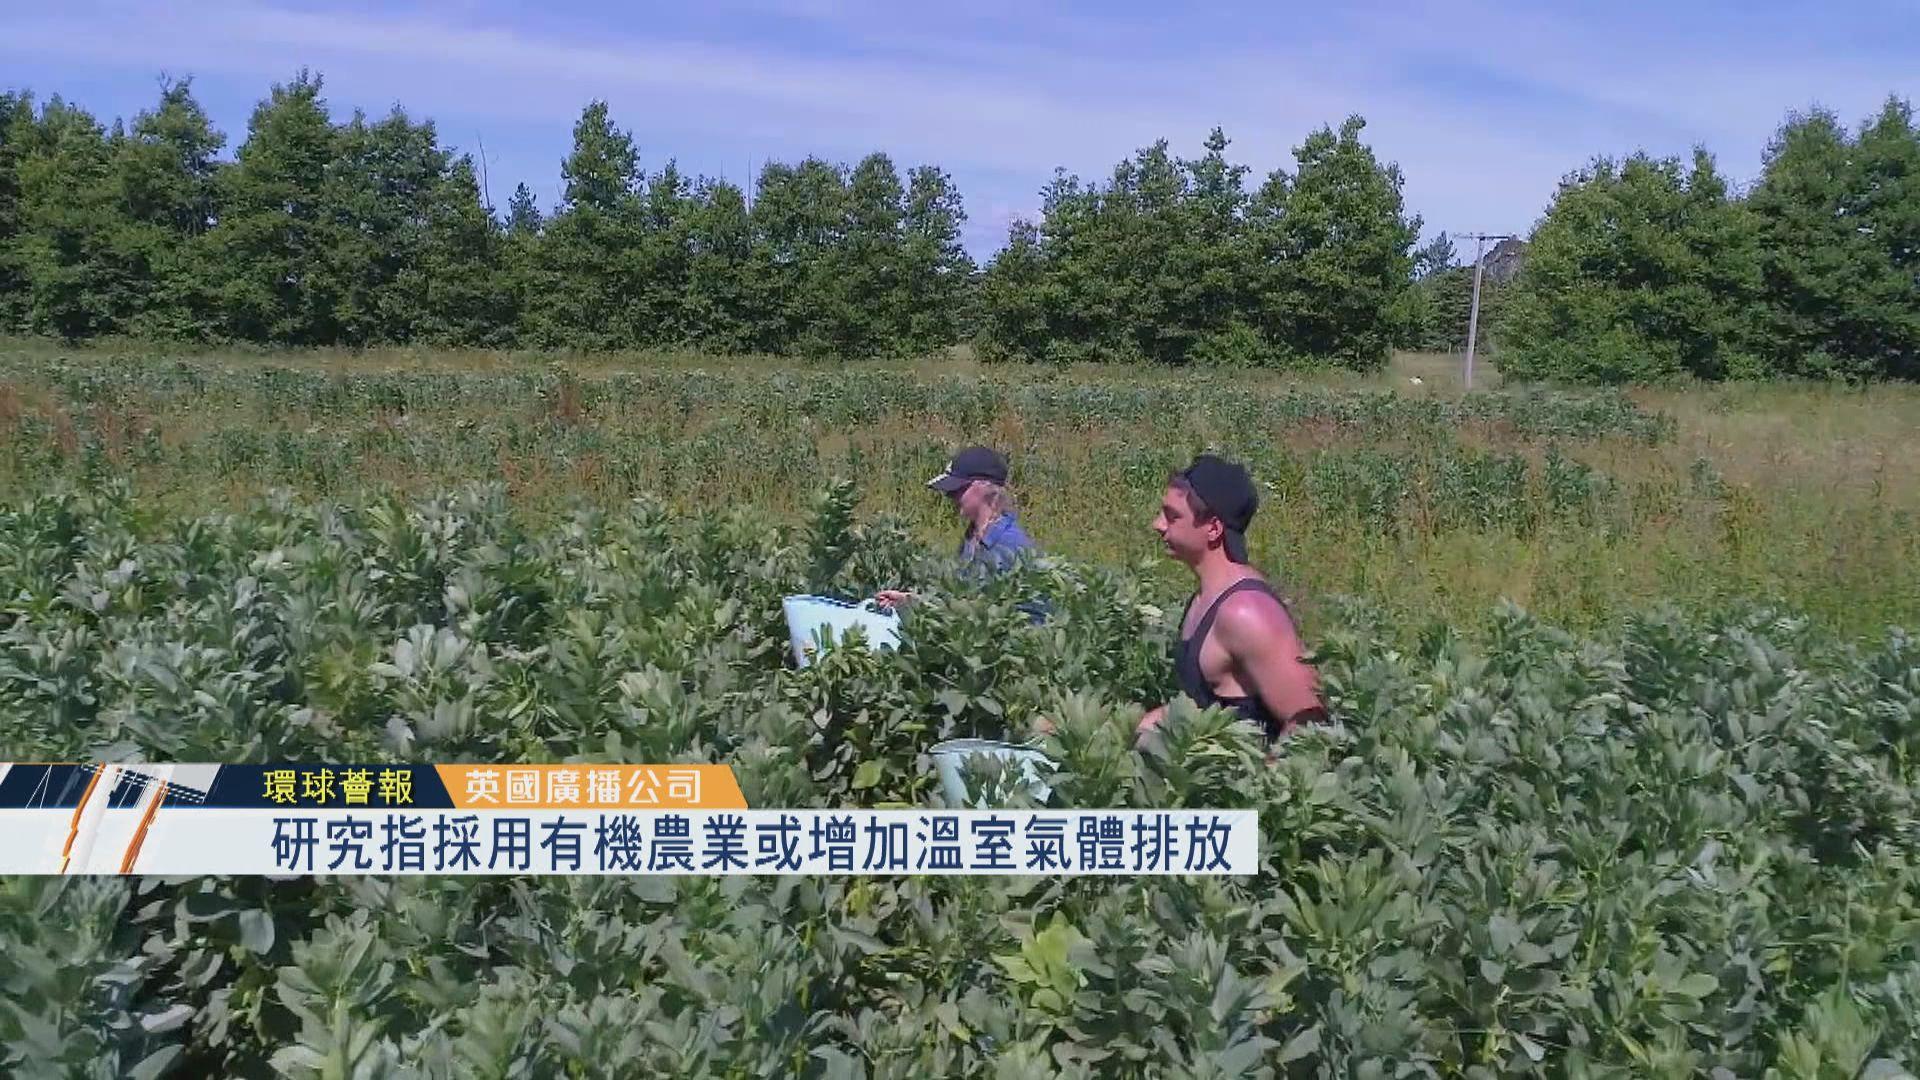 【環球薈報】研究指採用有機農業或增加溫室氣體排放